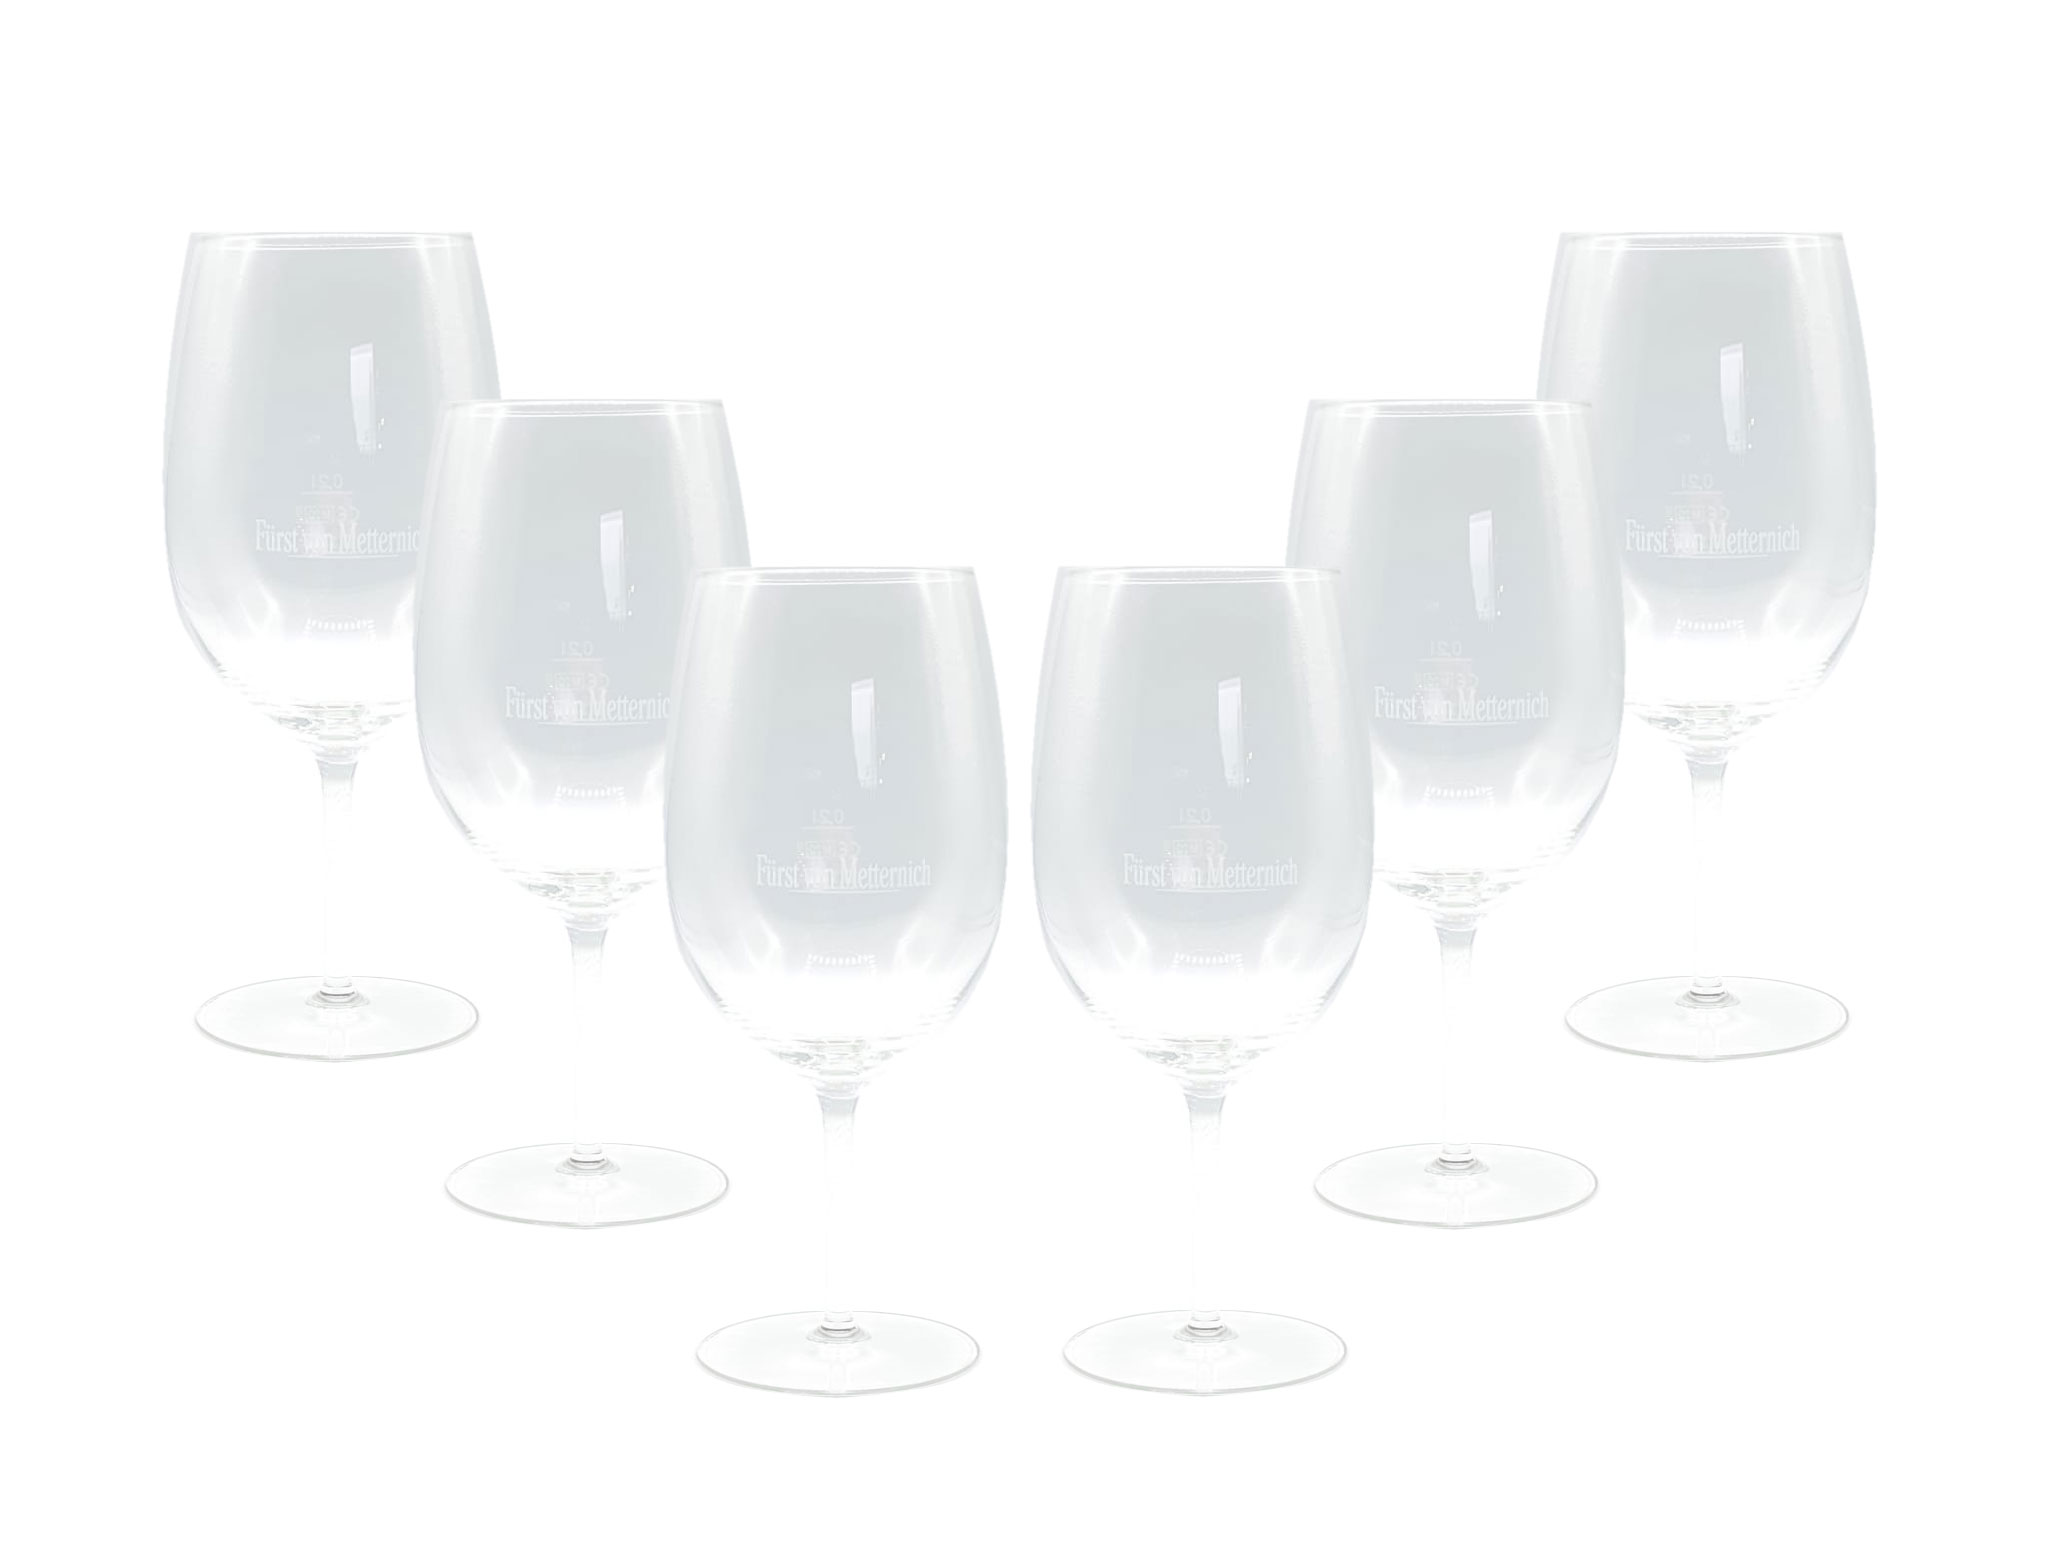 Fürst von Metternich Weinglas Ballonglas - 6er Set Gläser 0,2l geeicht